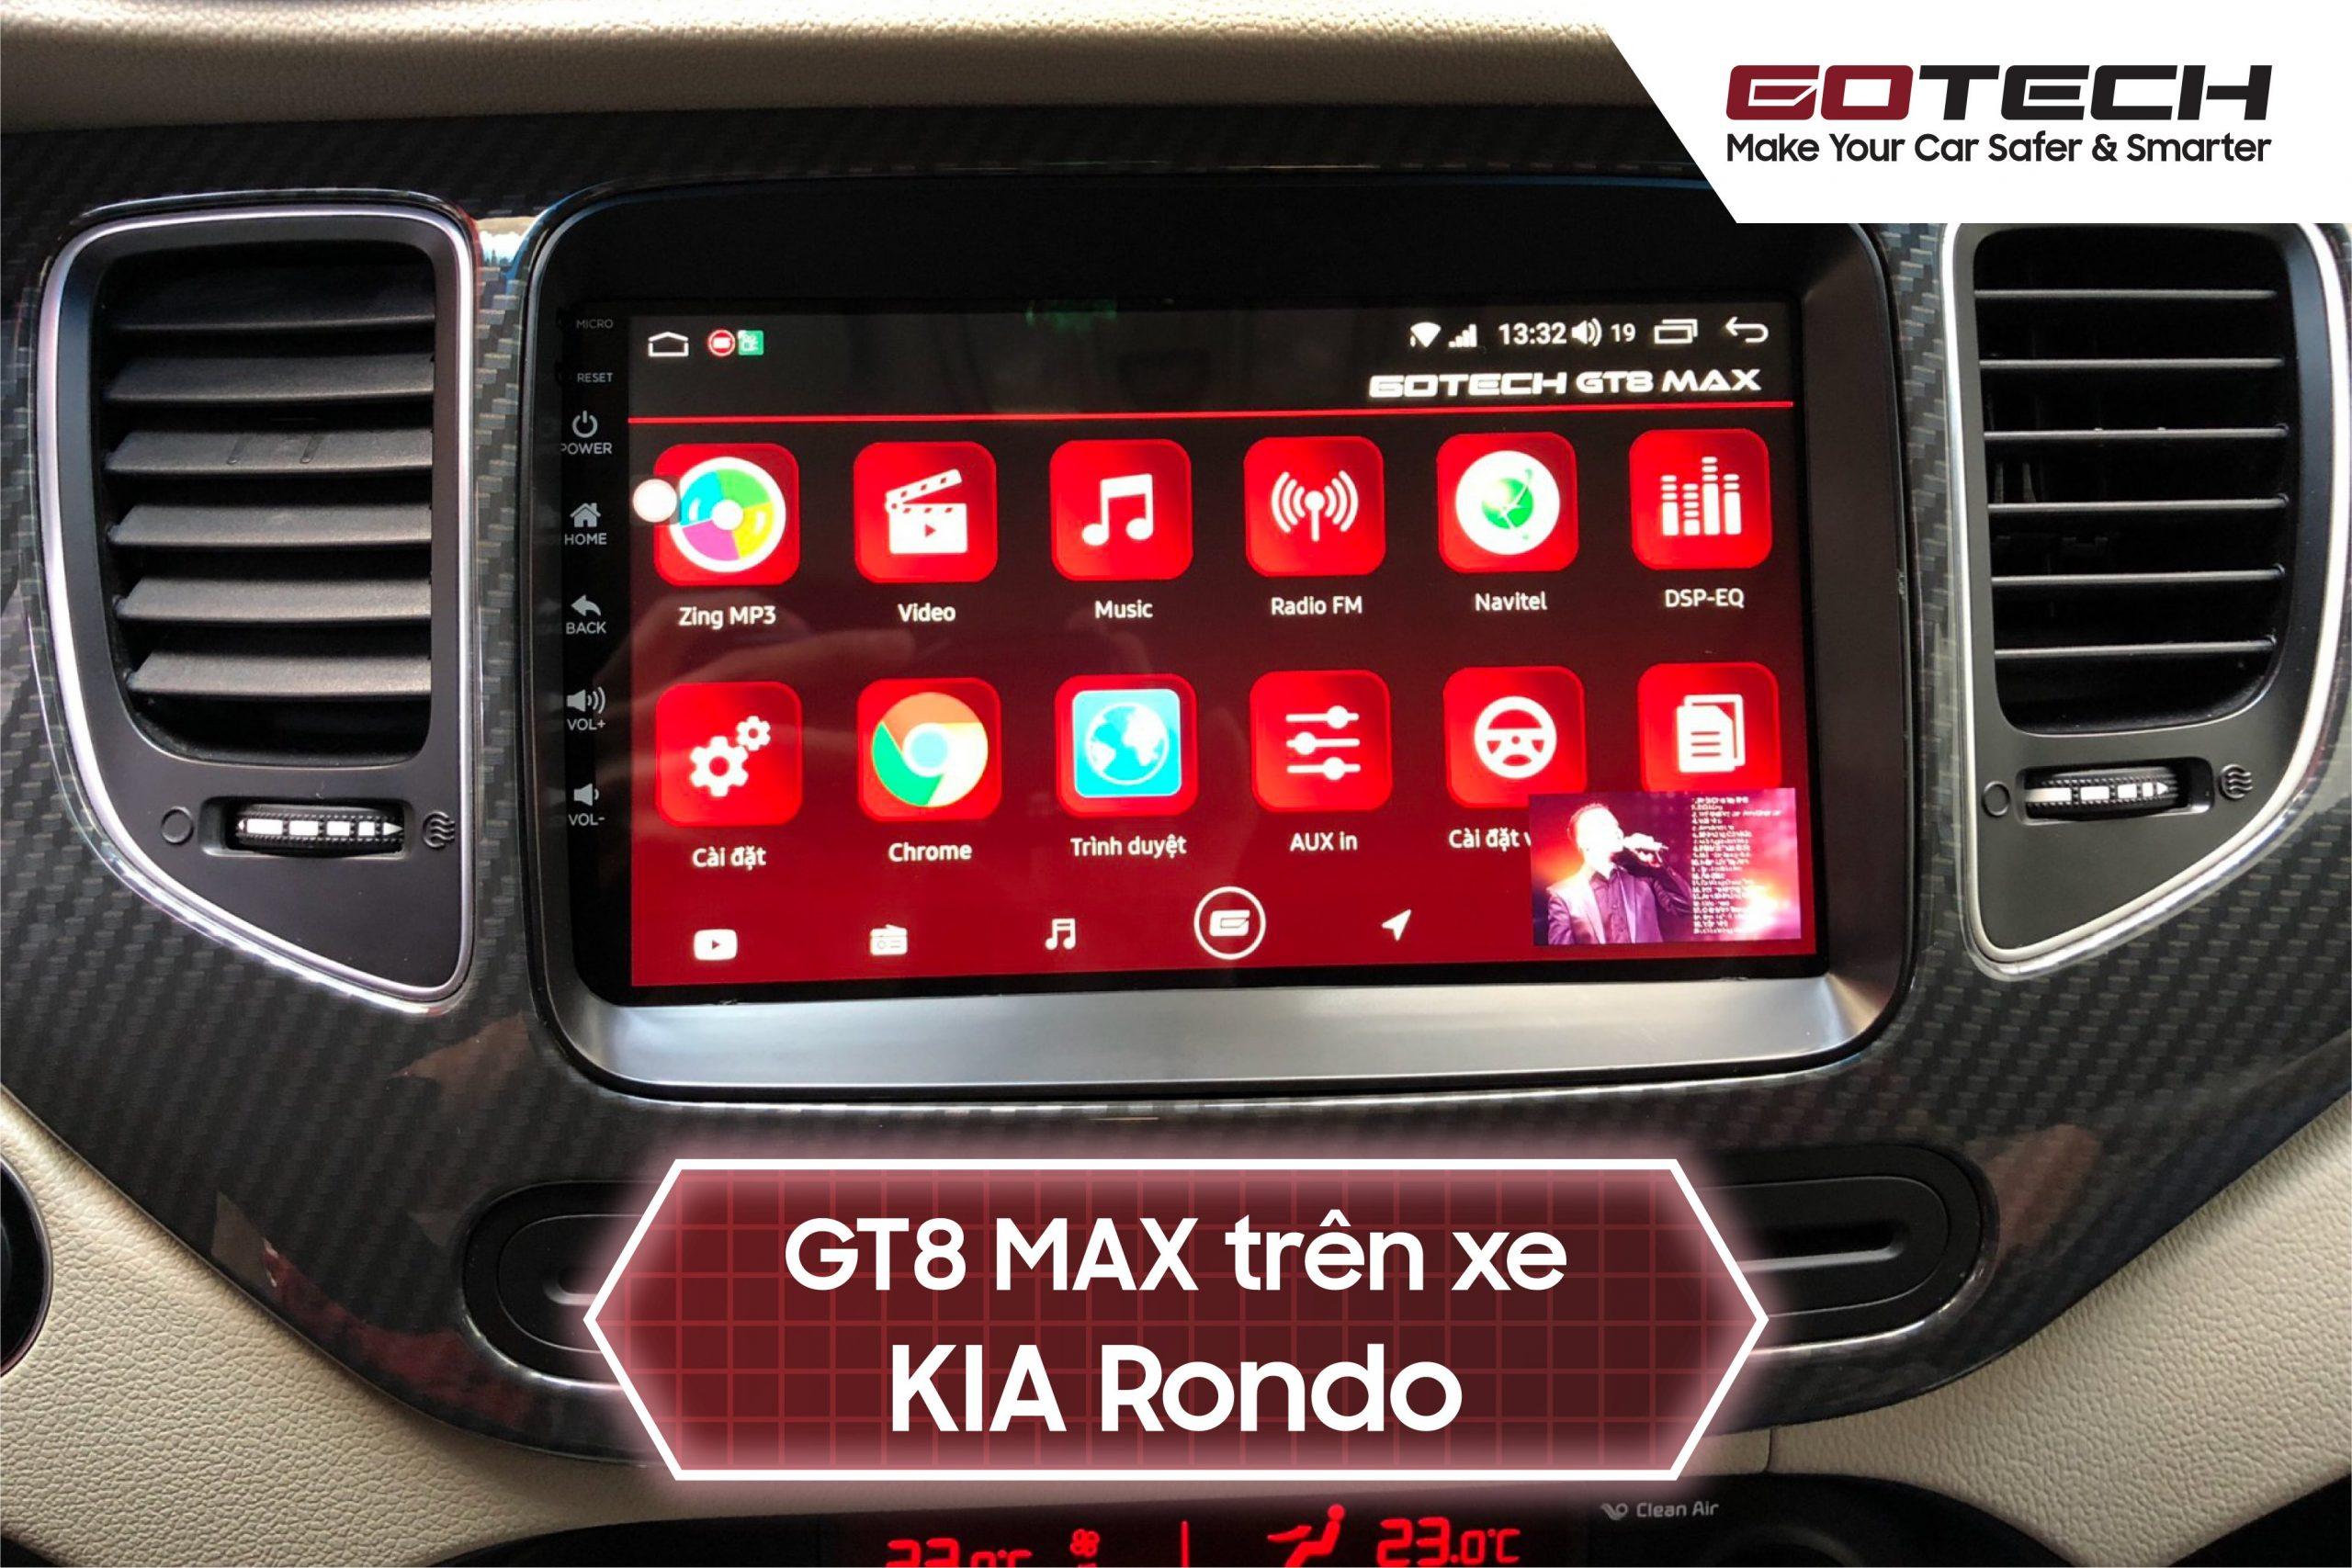 Màn hình Android cho xe Kia Rondo